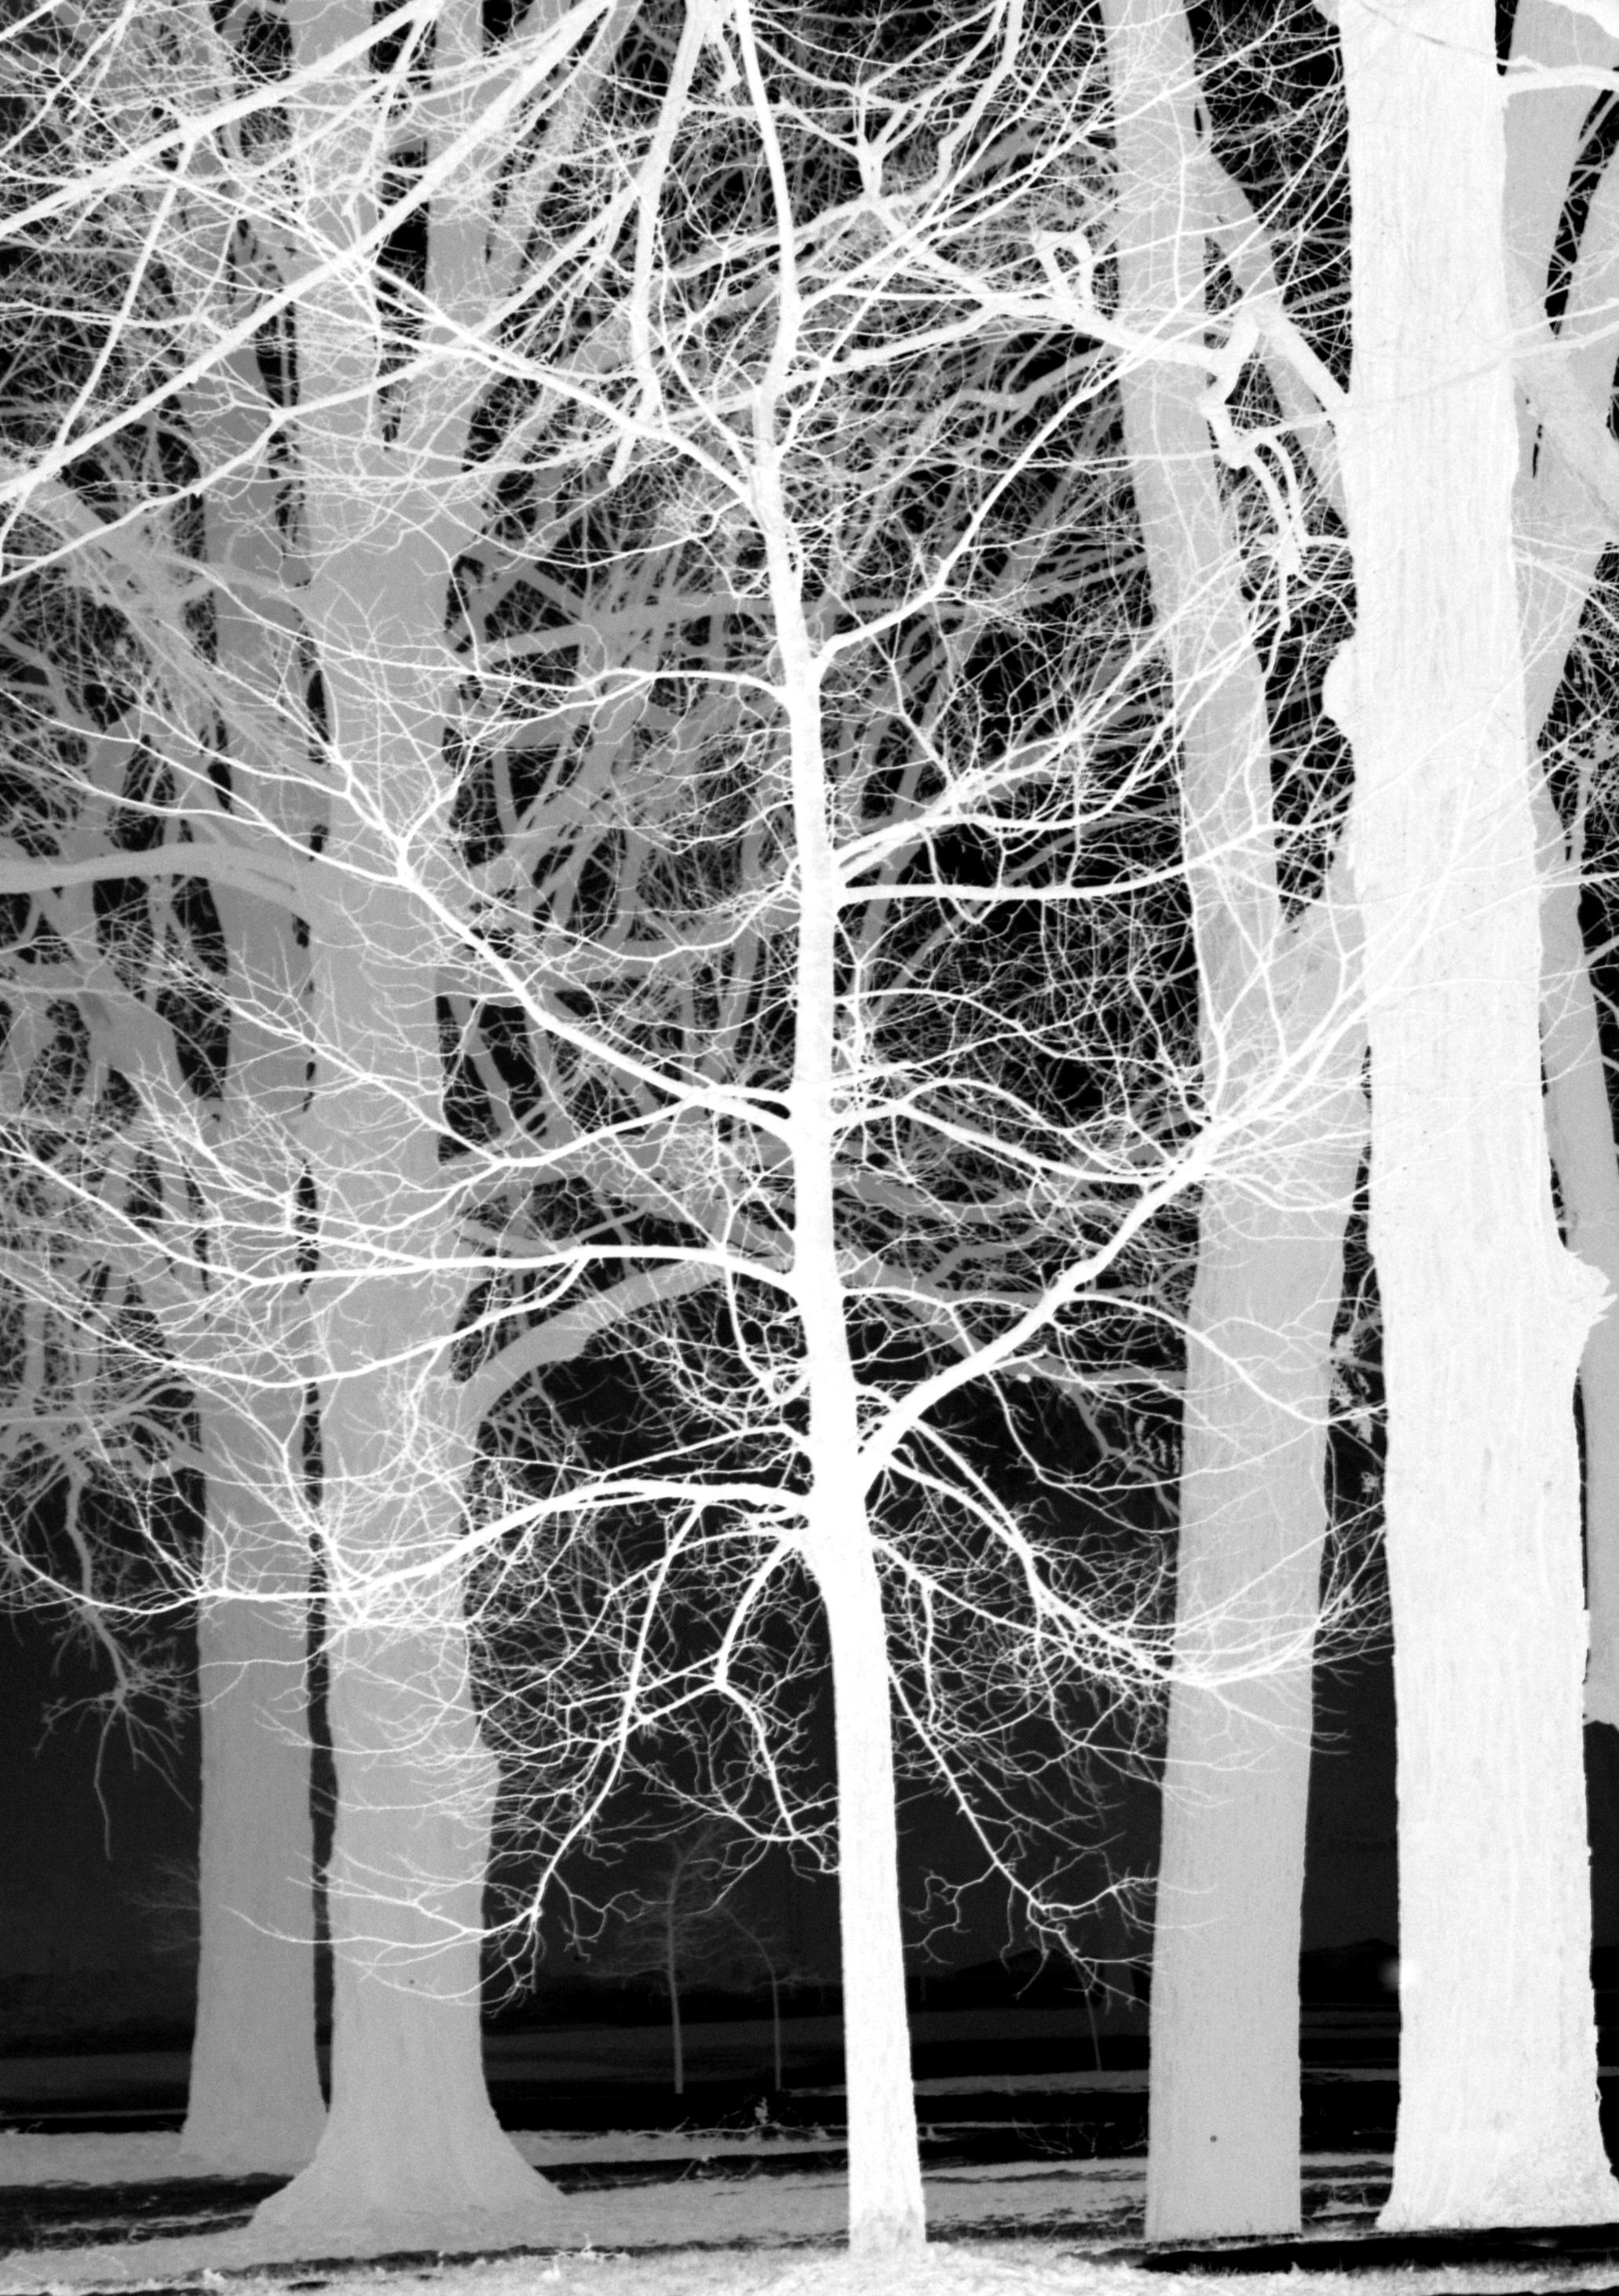 trees_inverted_01.jpg